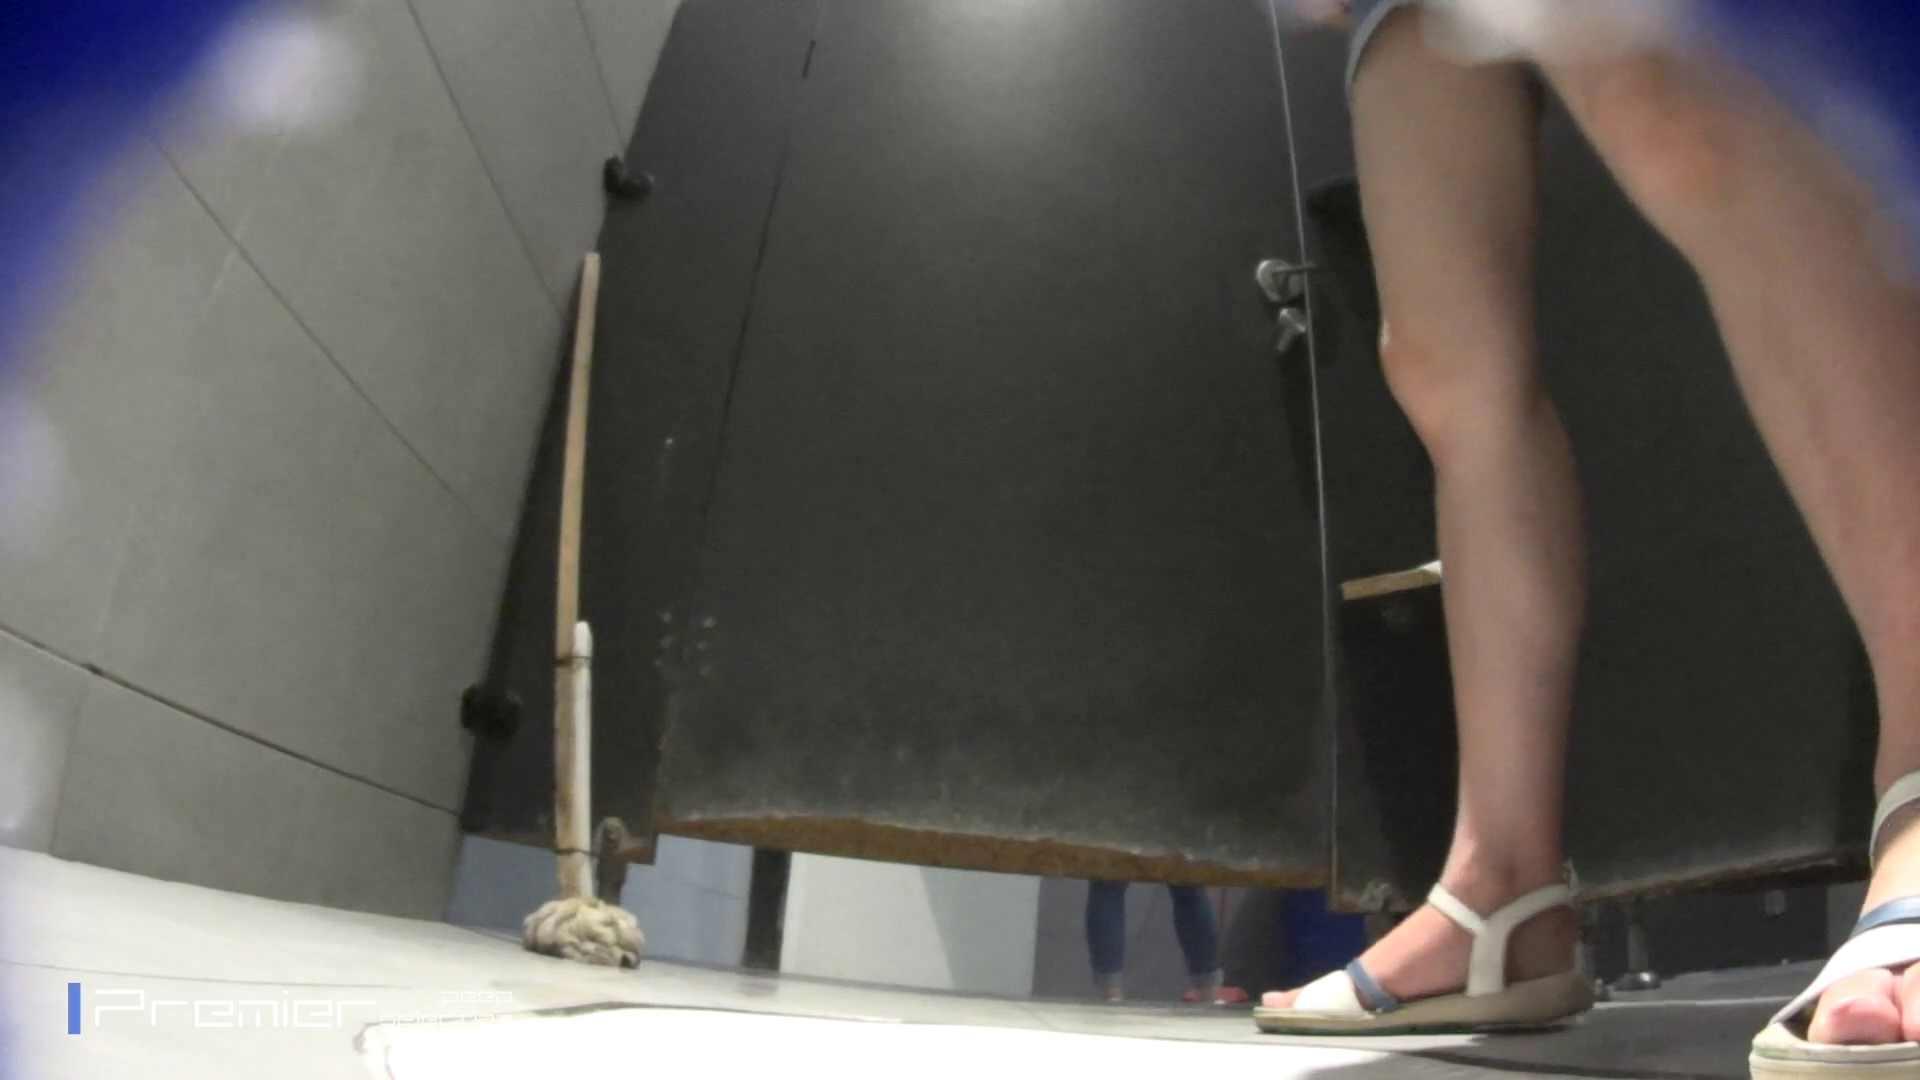 個室のドアを開けたまま放nyoする乙女 大学休憩時間の洗面所事情85 細身・スレンダー  90画像 24